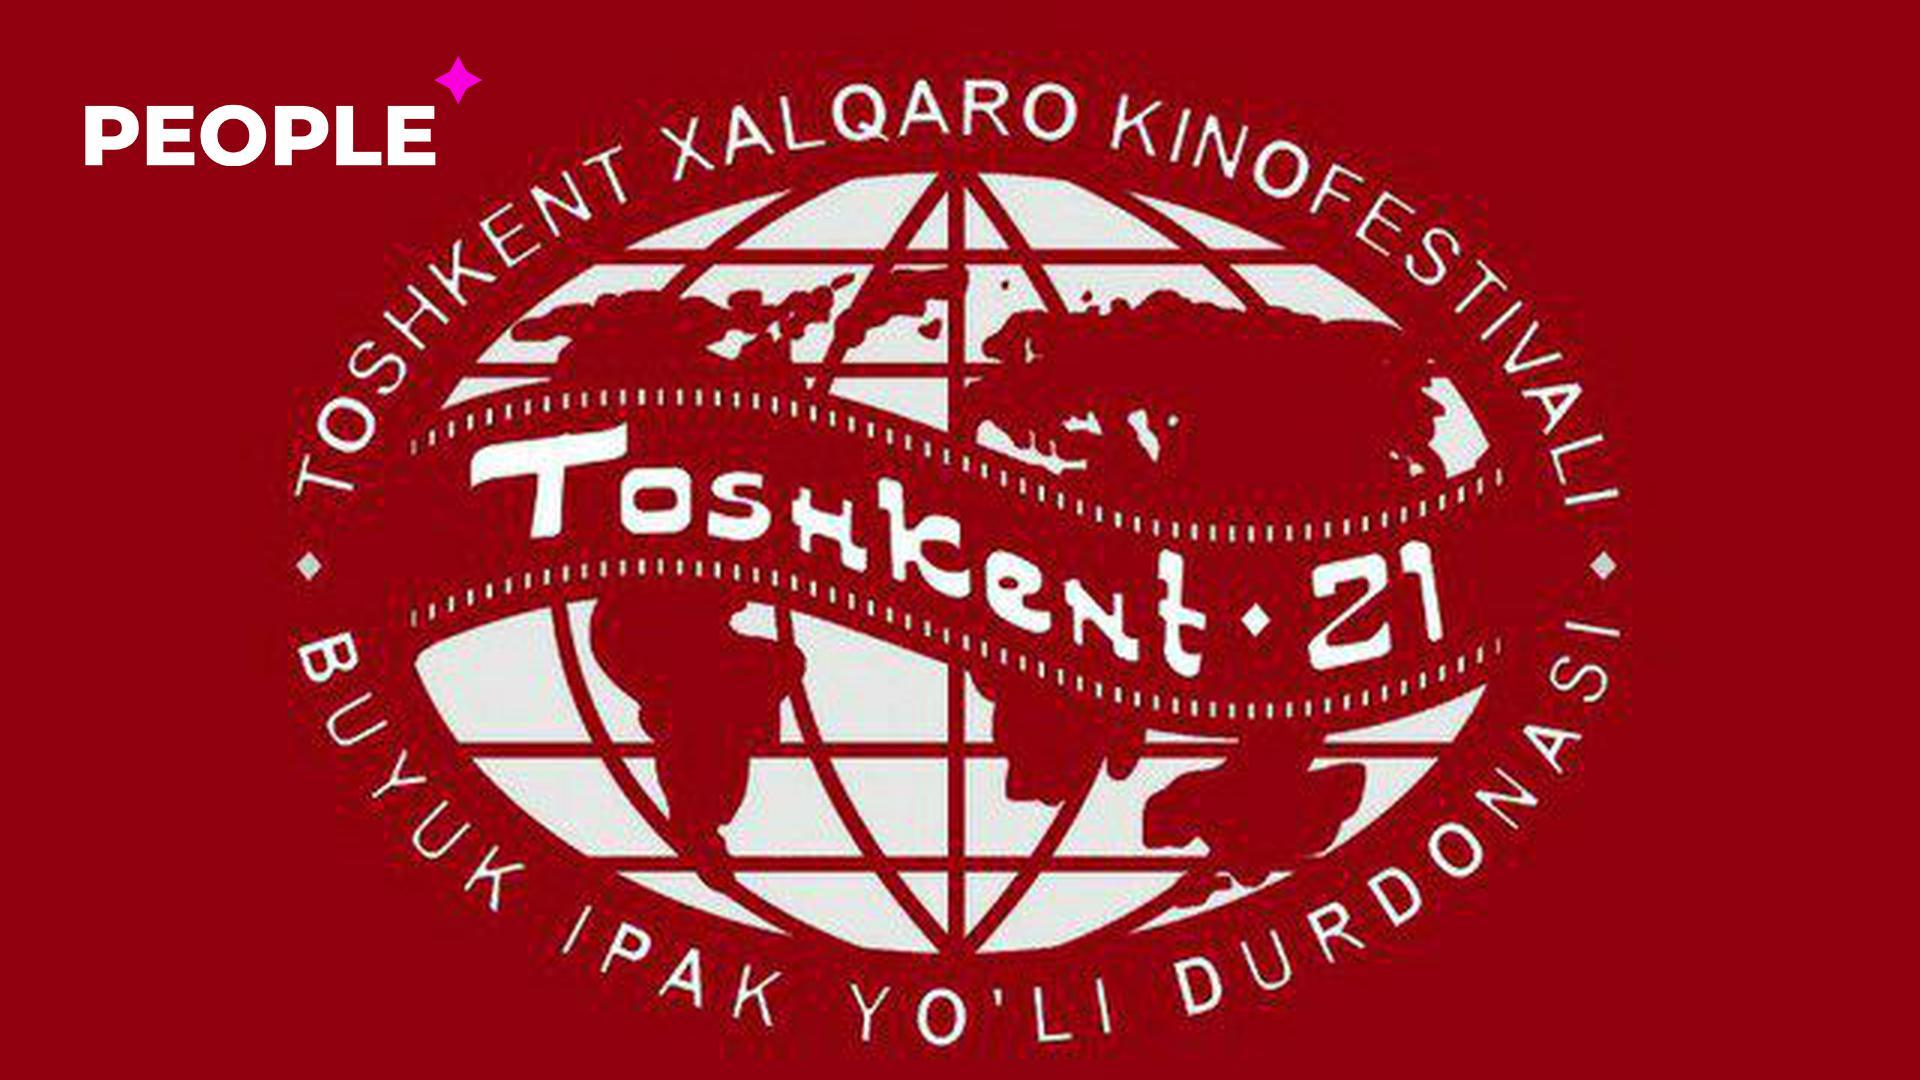 Ташкентский международный кинофестиваль «Жемчужина Шелкового пути»: какие события ожидают гостей